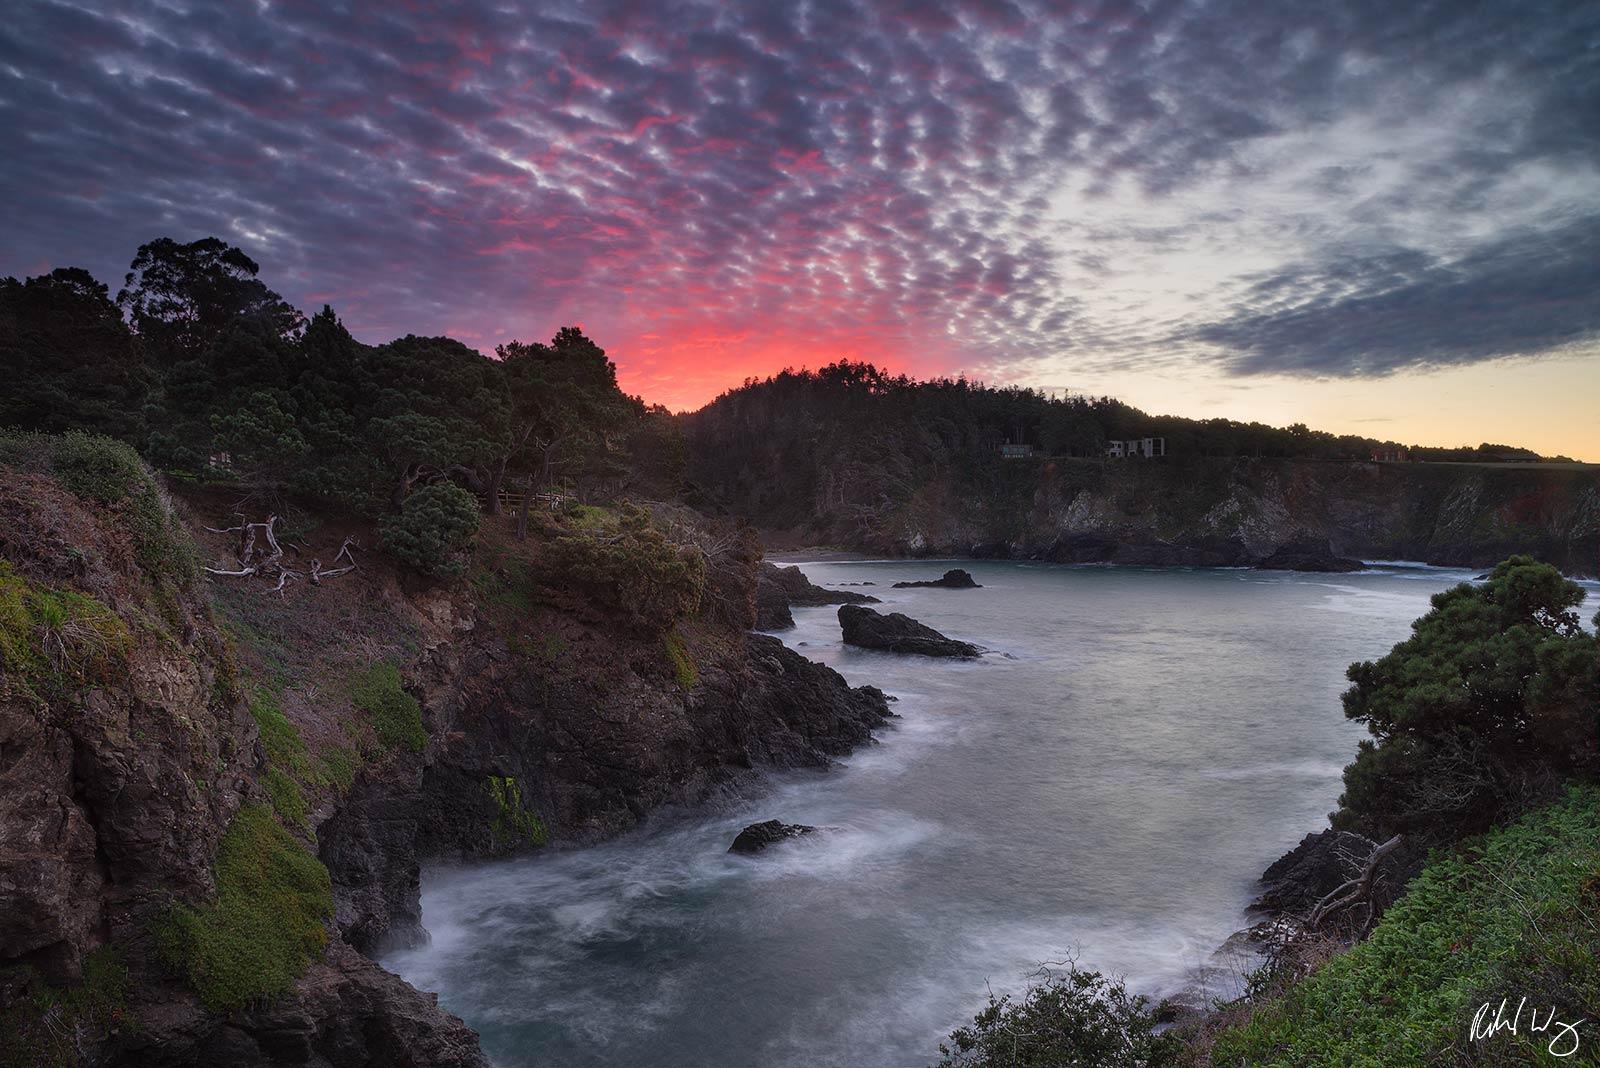 Mendocino County Coast Sunrise, Little River, California, photo, photo